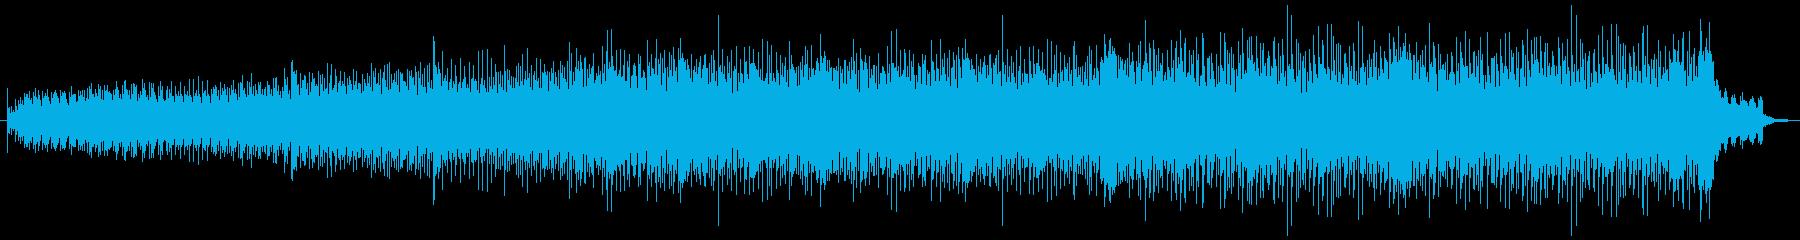 ミニマルなシンセ音が印象的なBGMの再生済みの波形